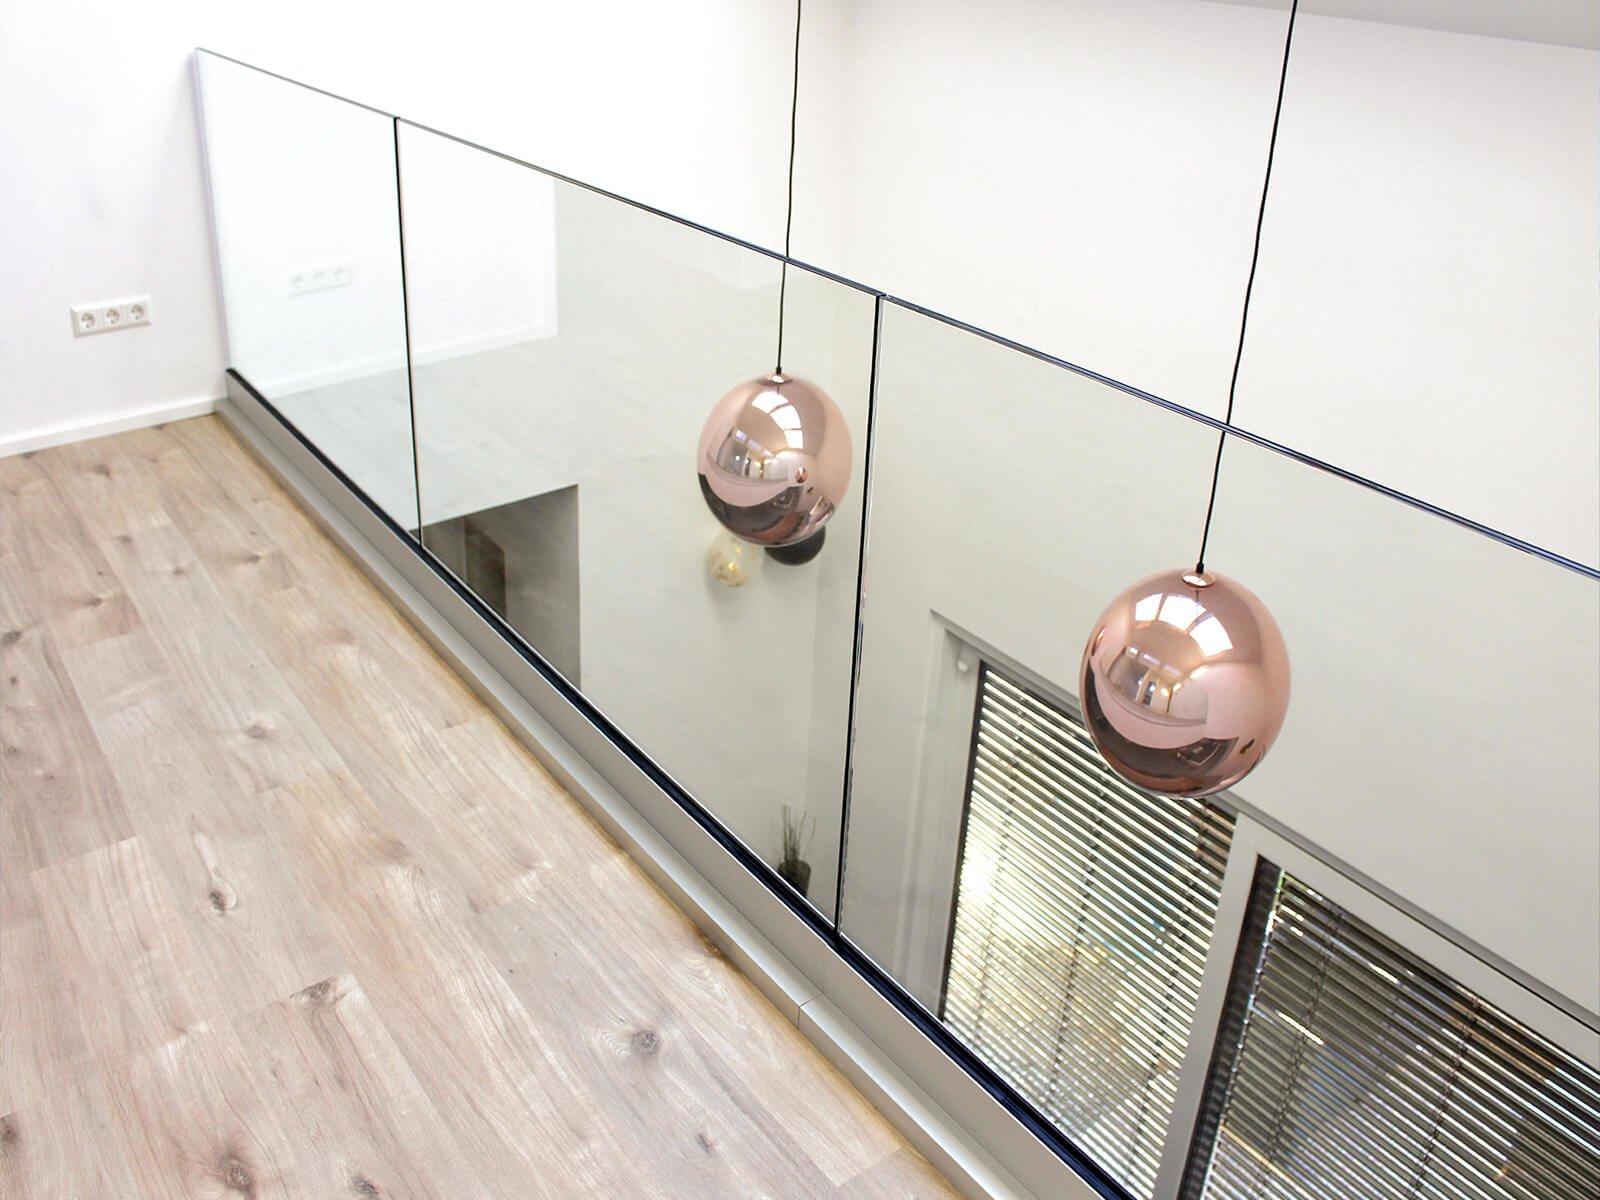 Glasgeländer DELGADO als moderne Absturzsicherung für den Innenbereich